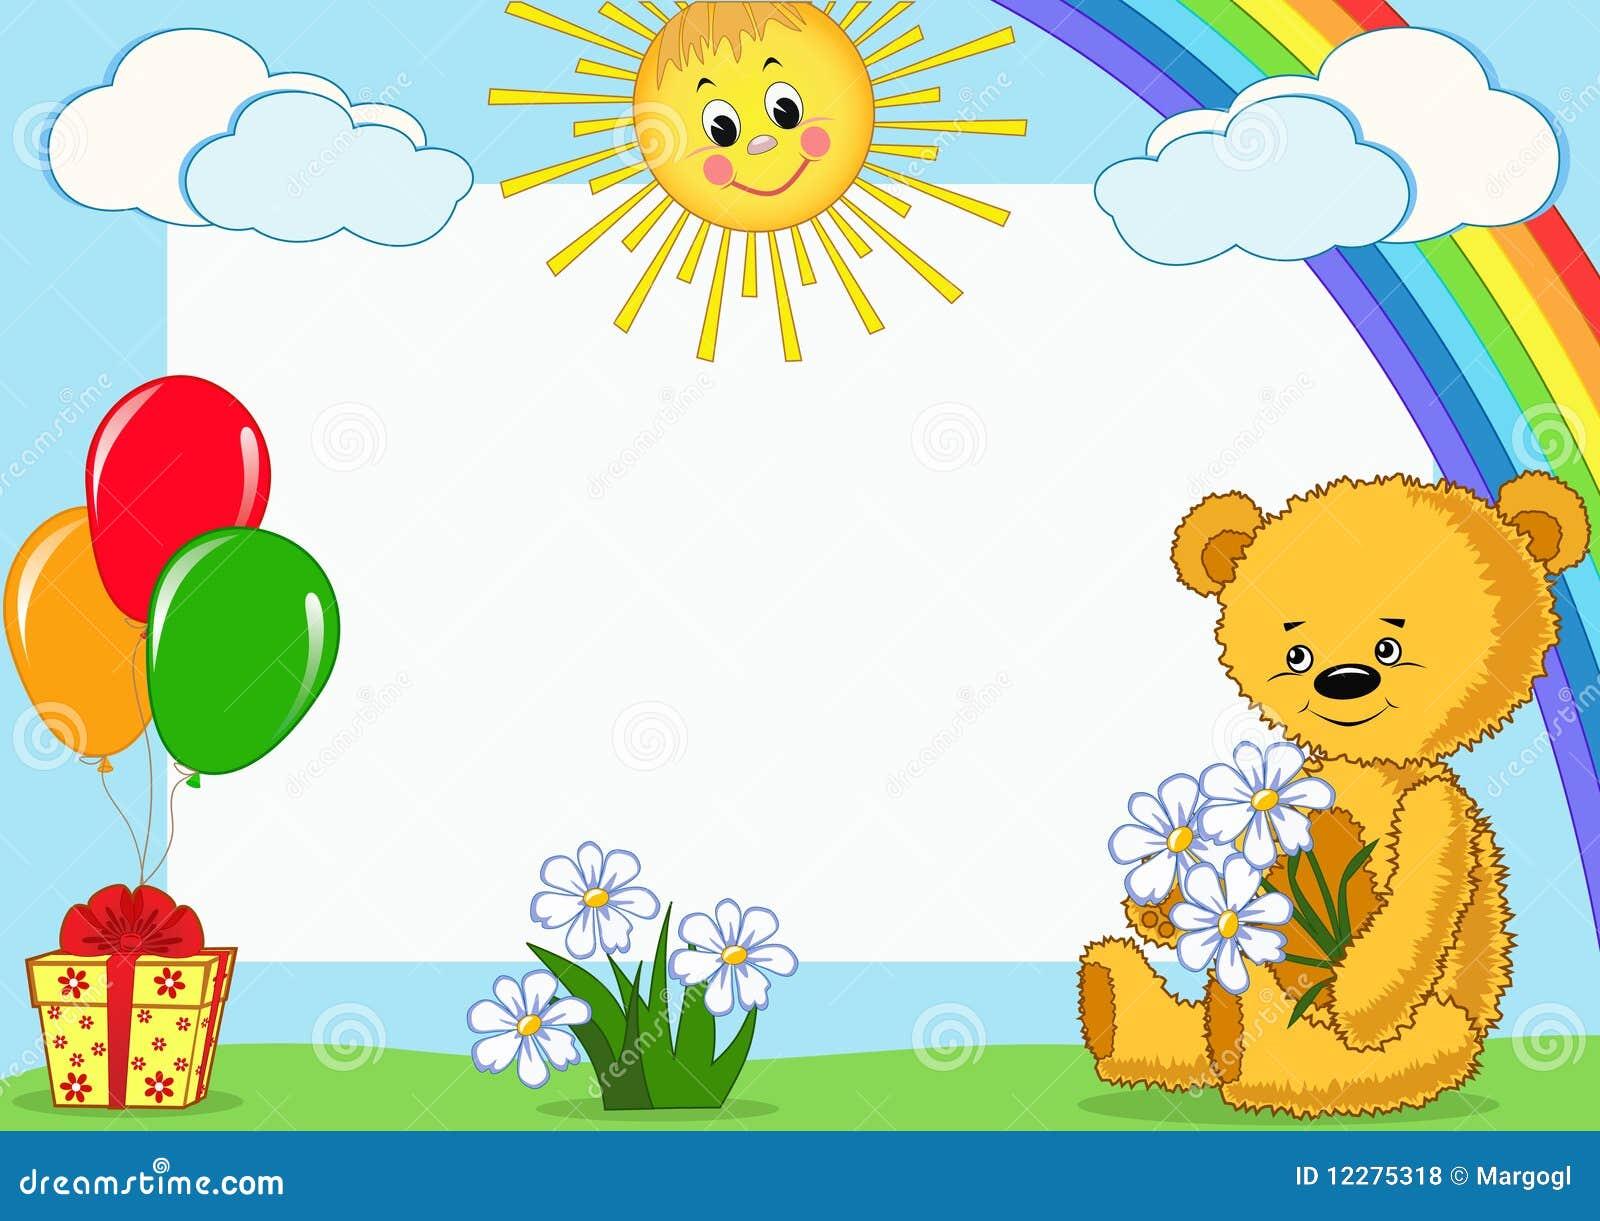 Fotorahmen Der Kinder. Bär. Vektor Abbildung - Illustration von bär ...